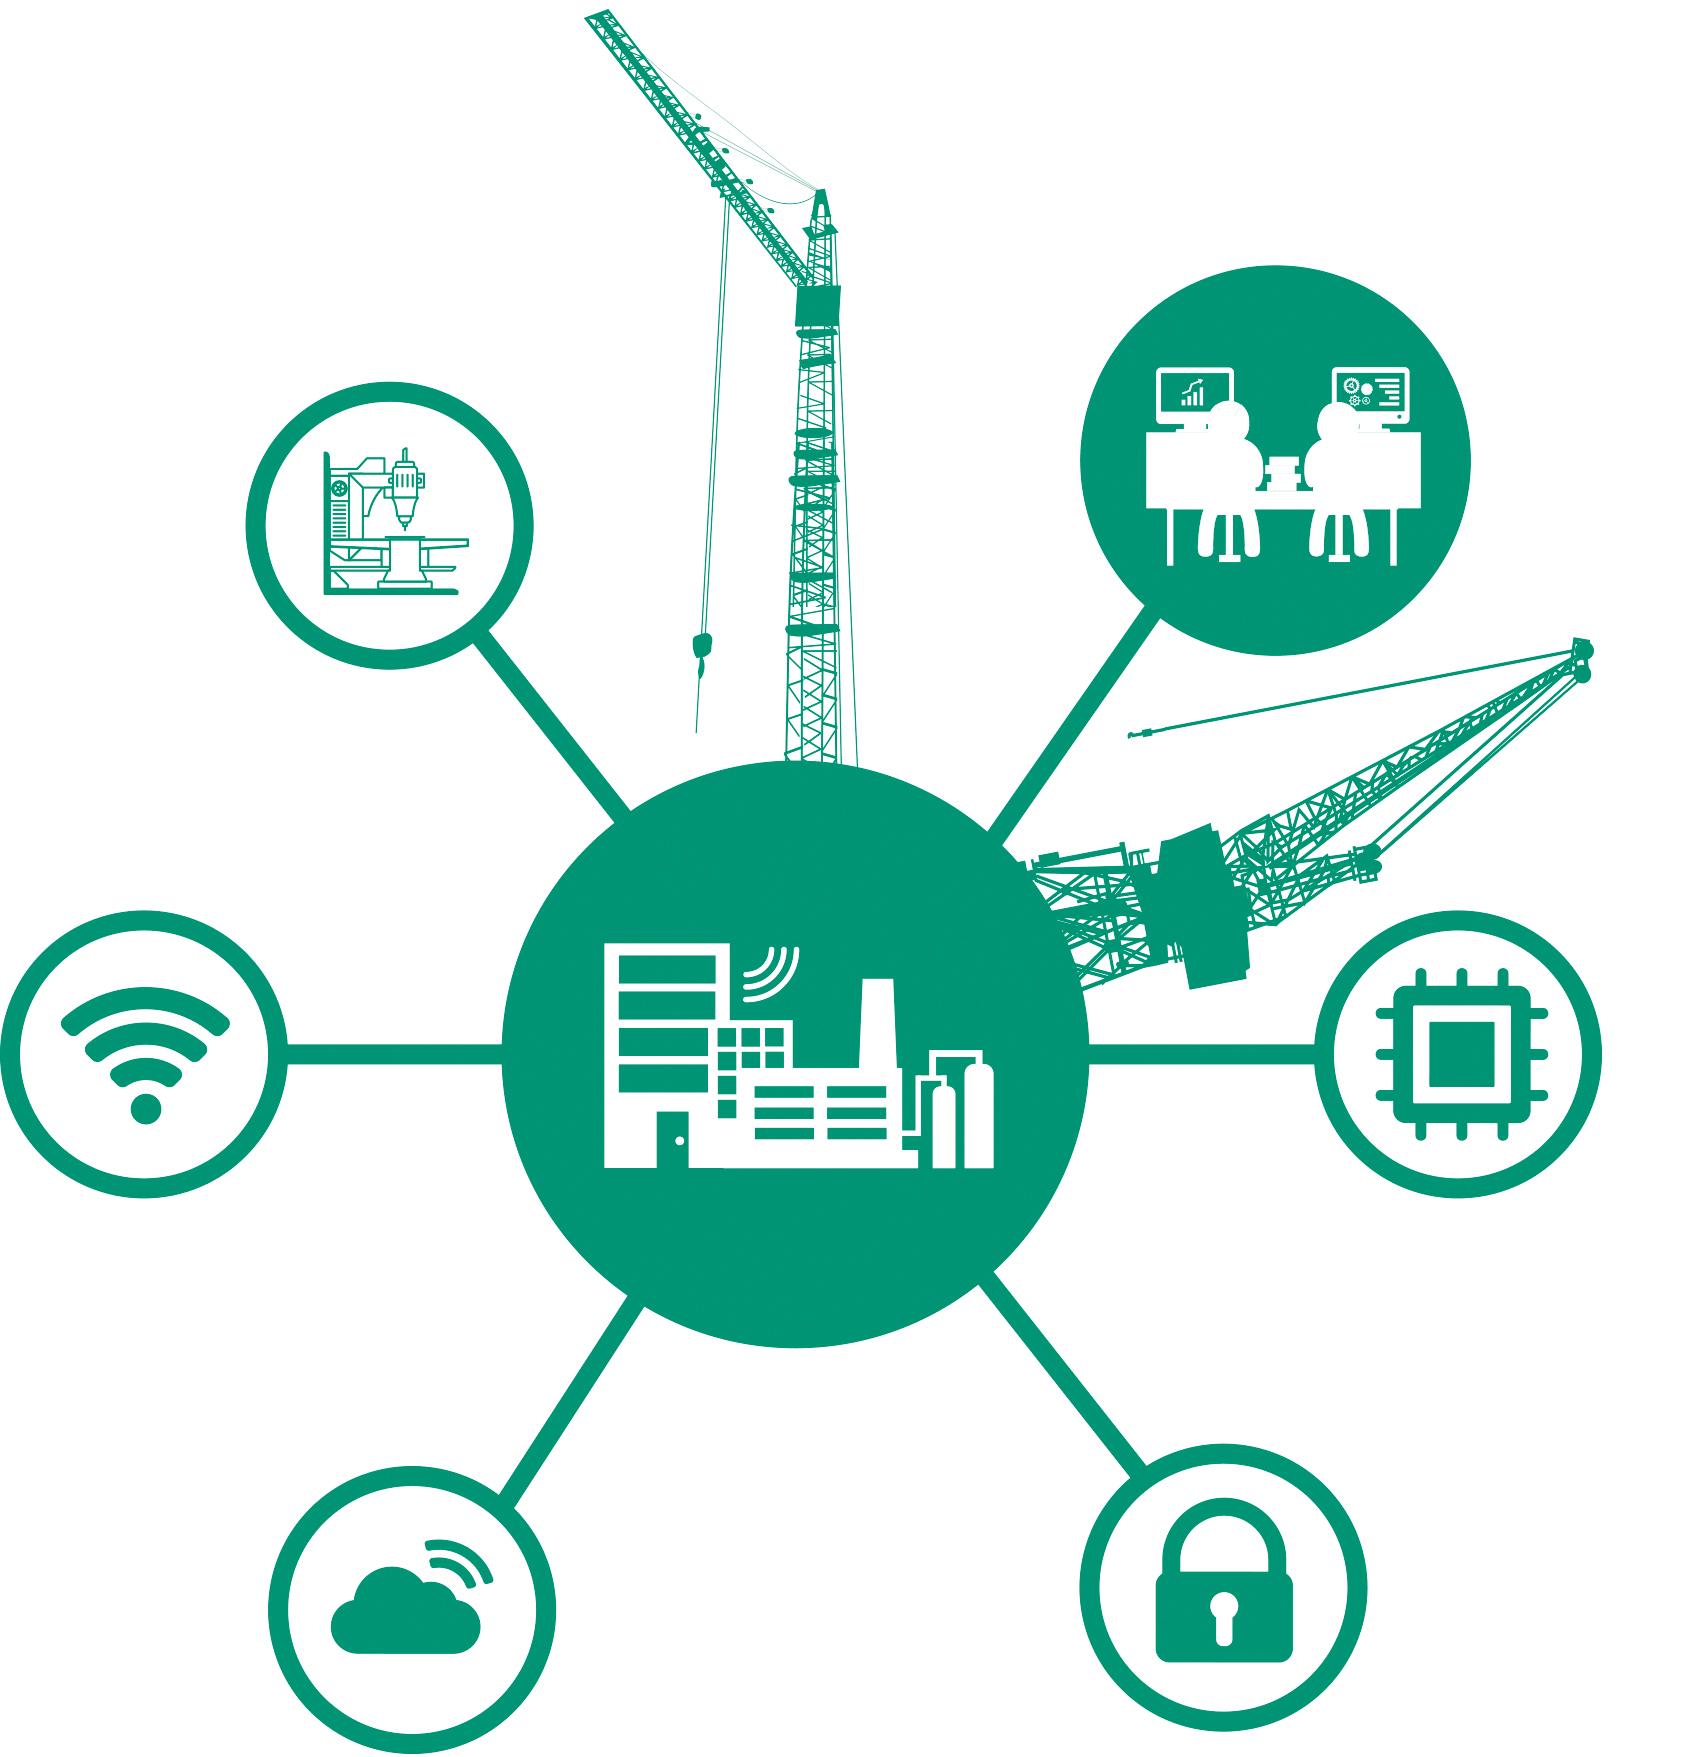 Fraunhofer ESK unterstützt KMU beim Einstieg in Industrie 4.0